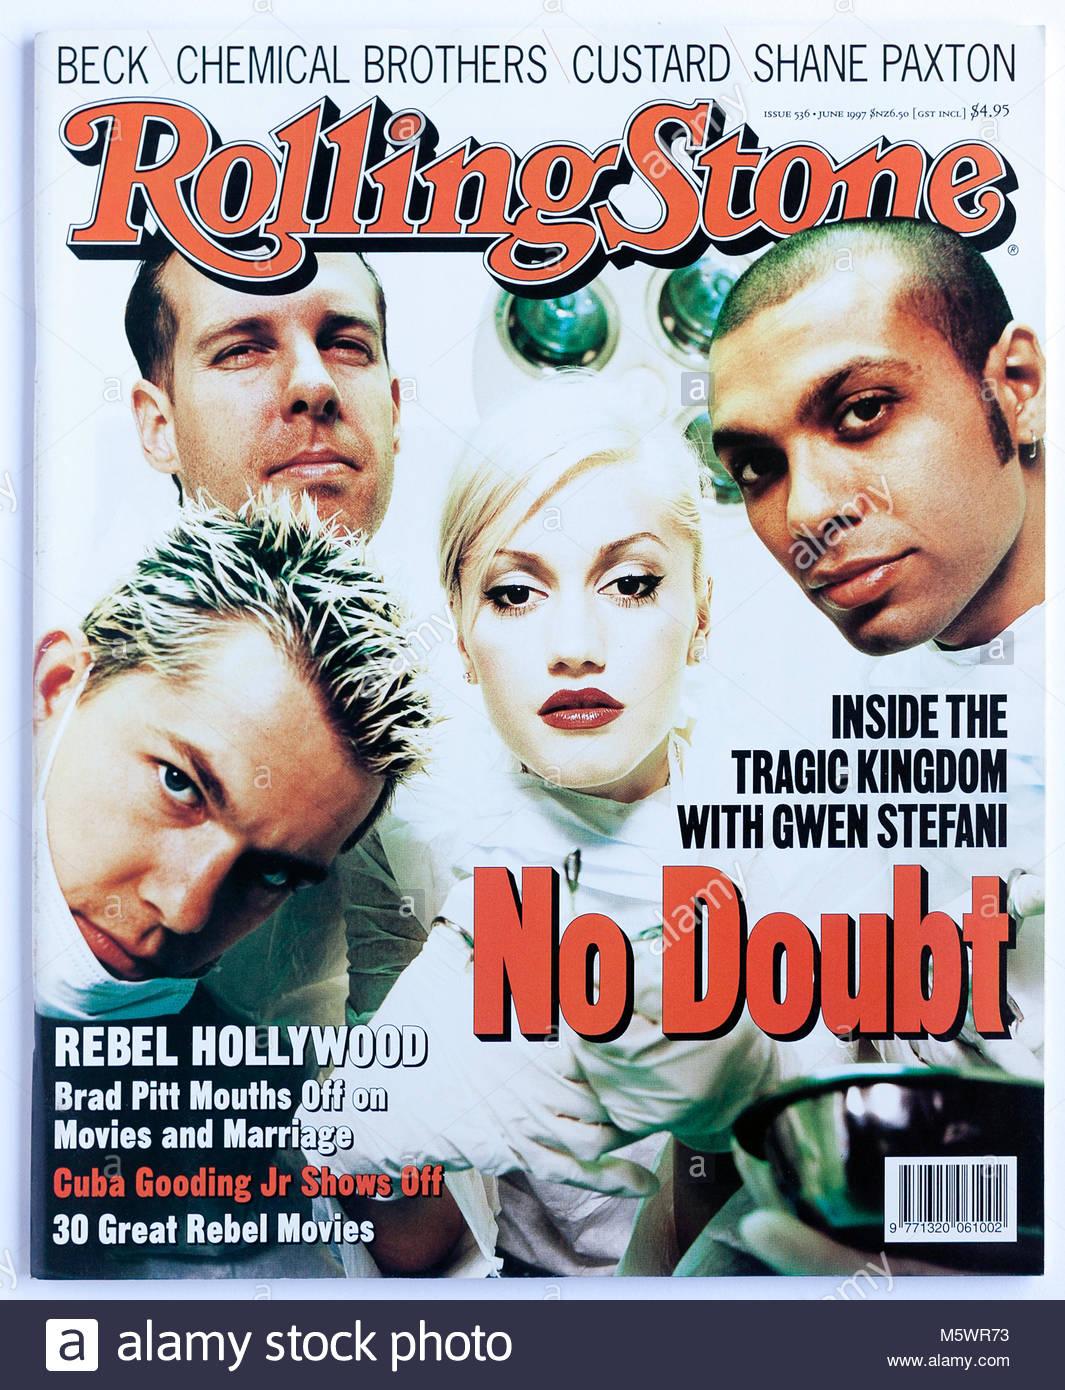 La couverture de Rolling Stone Magazine, numéro 536, sans aucun doute Photo Stock